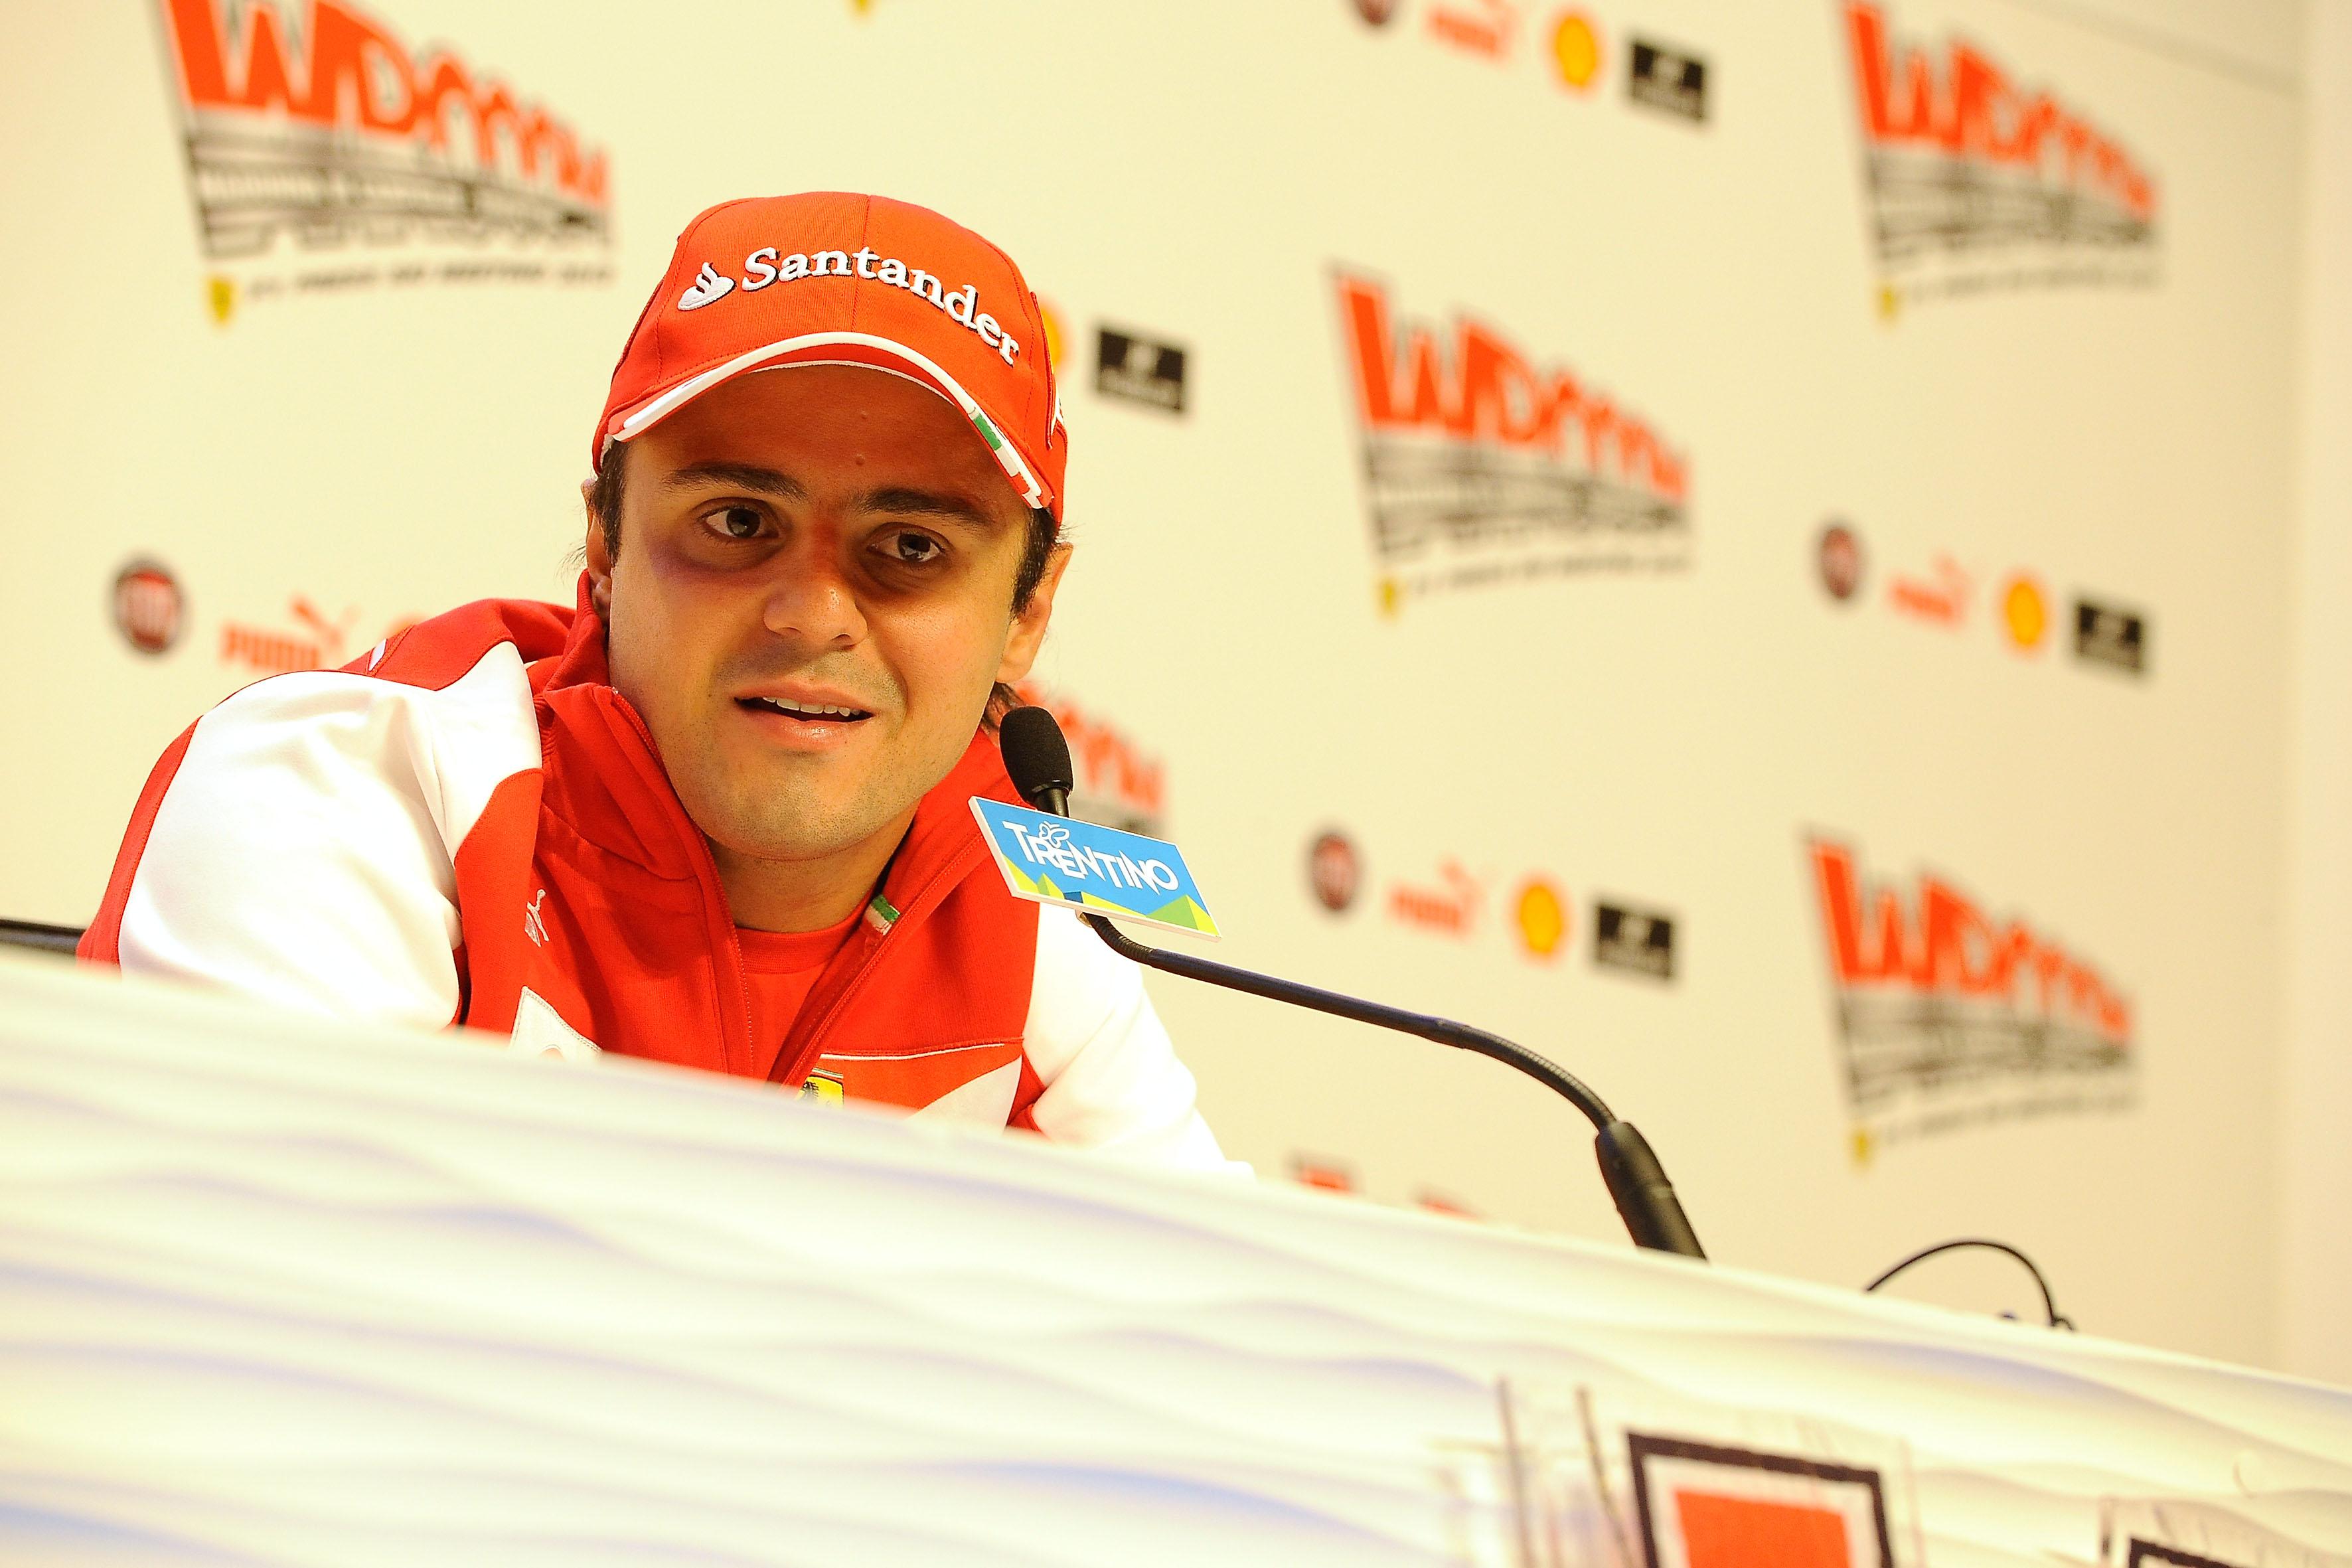 Rejuvenated Massa considered quitting F1 during 2012 slump